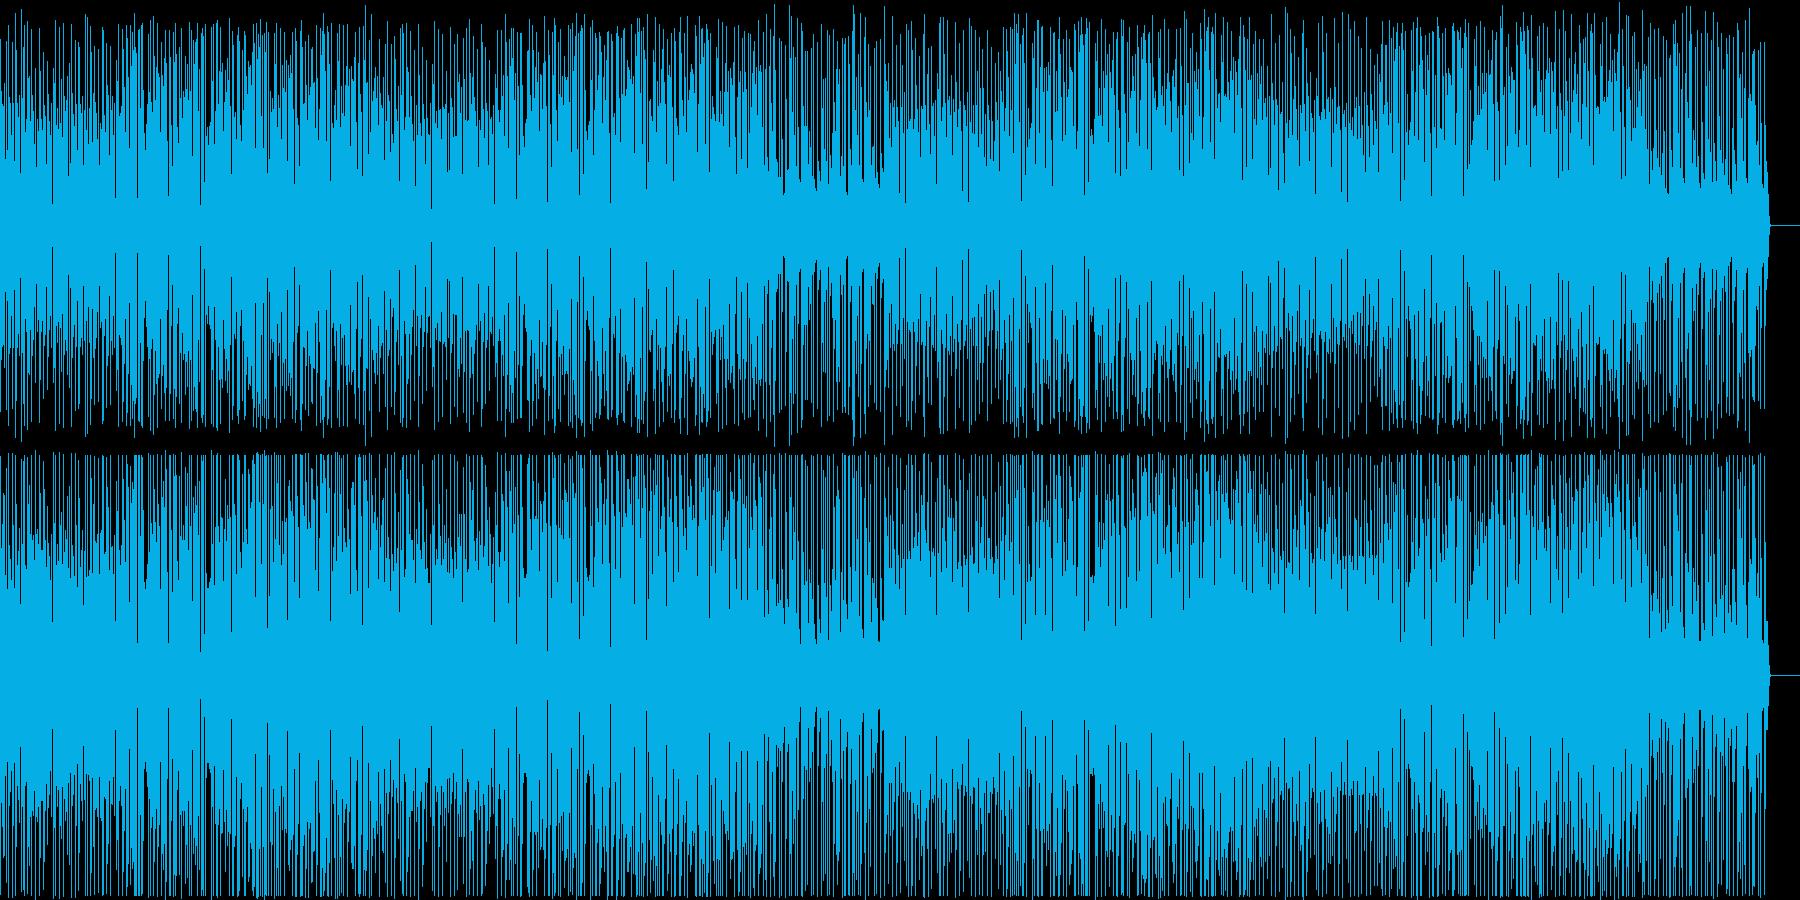 【ワールド】情熱的なキューバ音楽の再生済みの波形